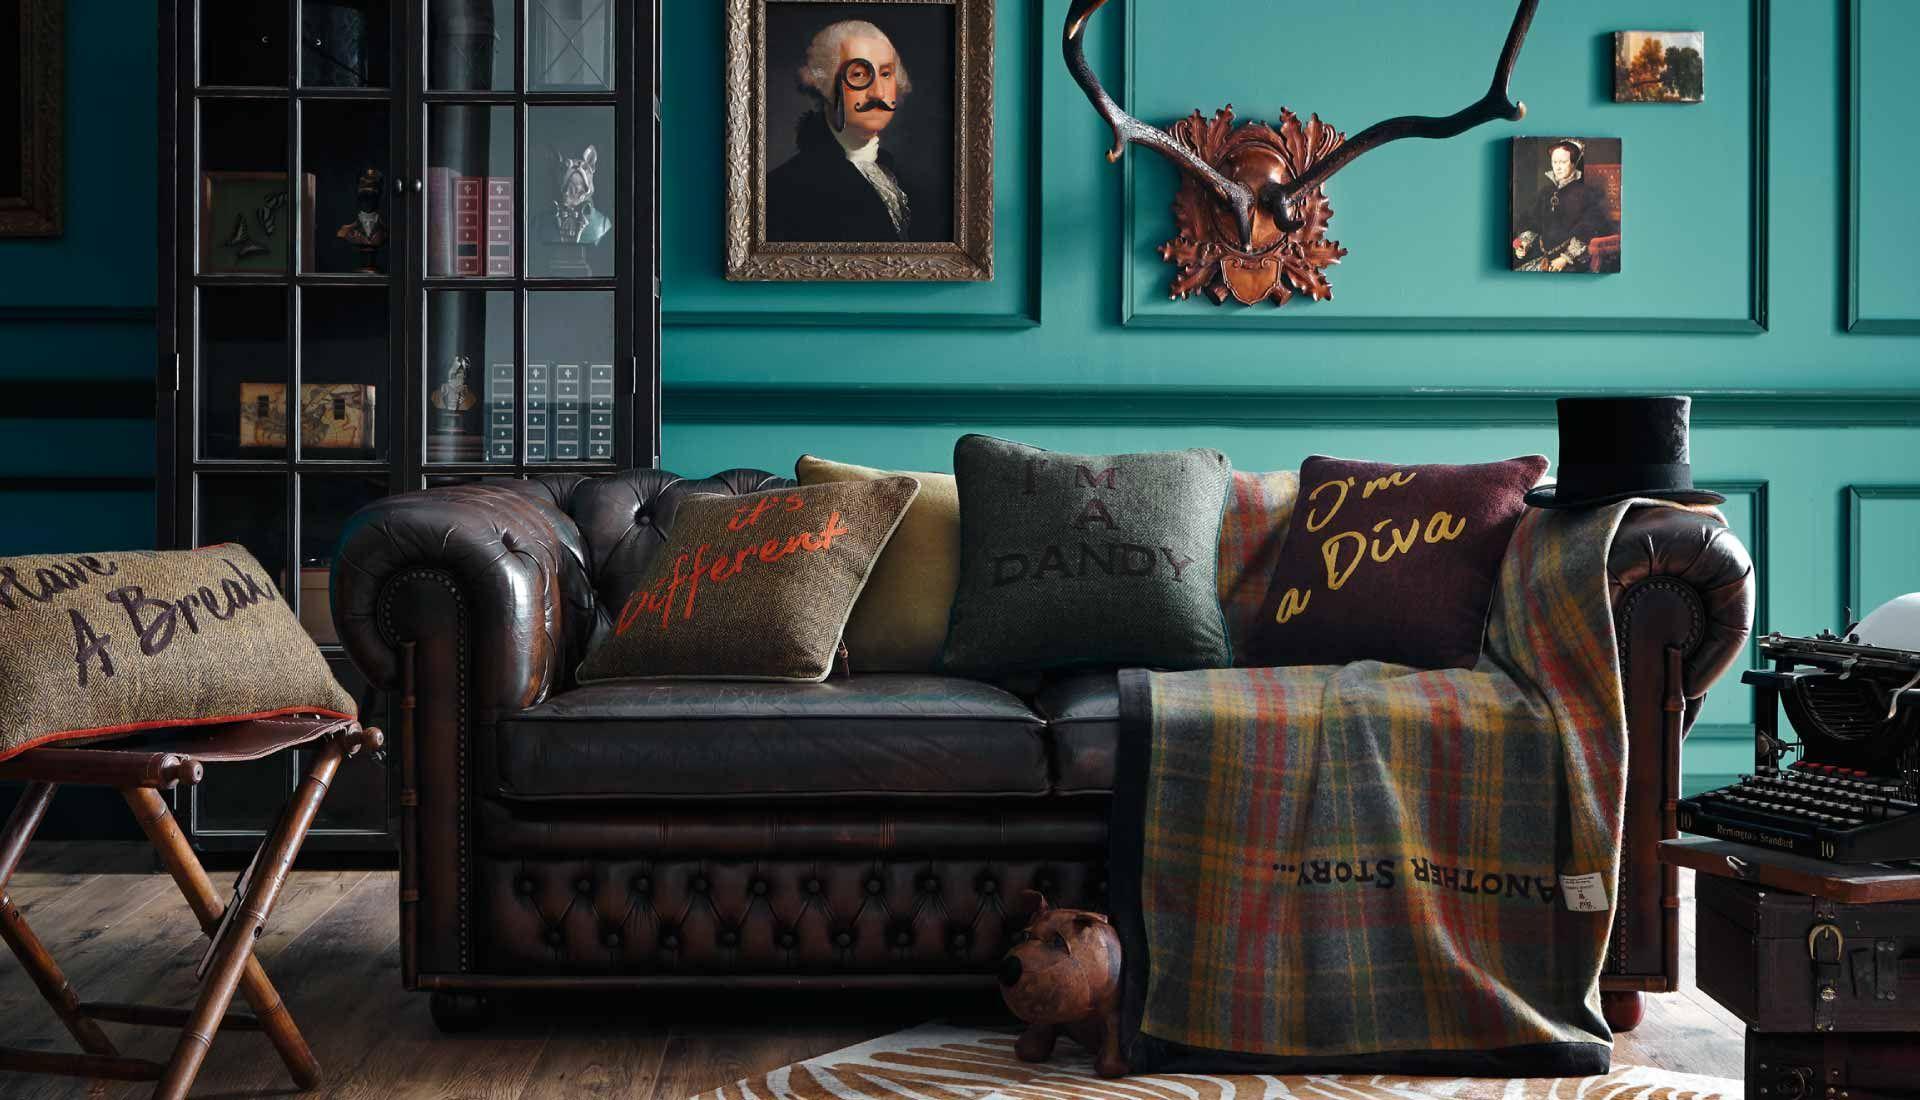 Lounge Fabrics Coussins Originaux Surement La Meilleure Idée - Canapé convertible scandinave pour noël objets de décoration d intérieur